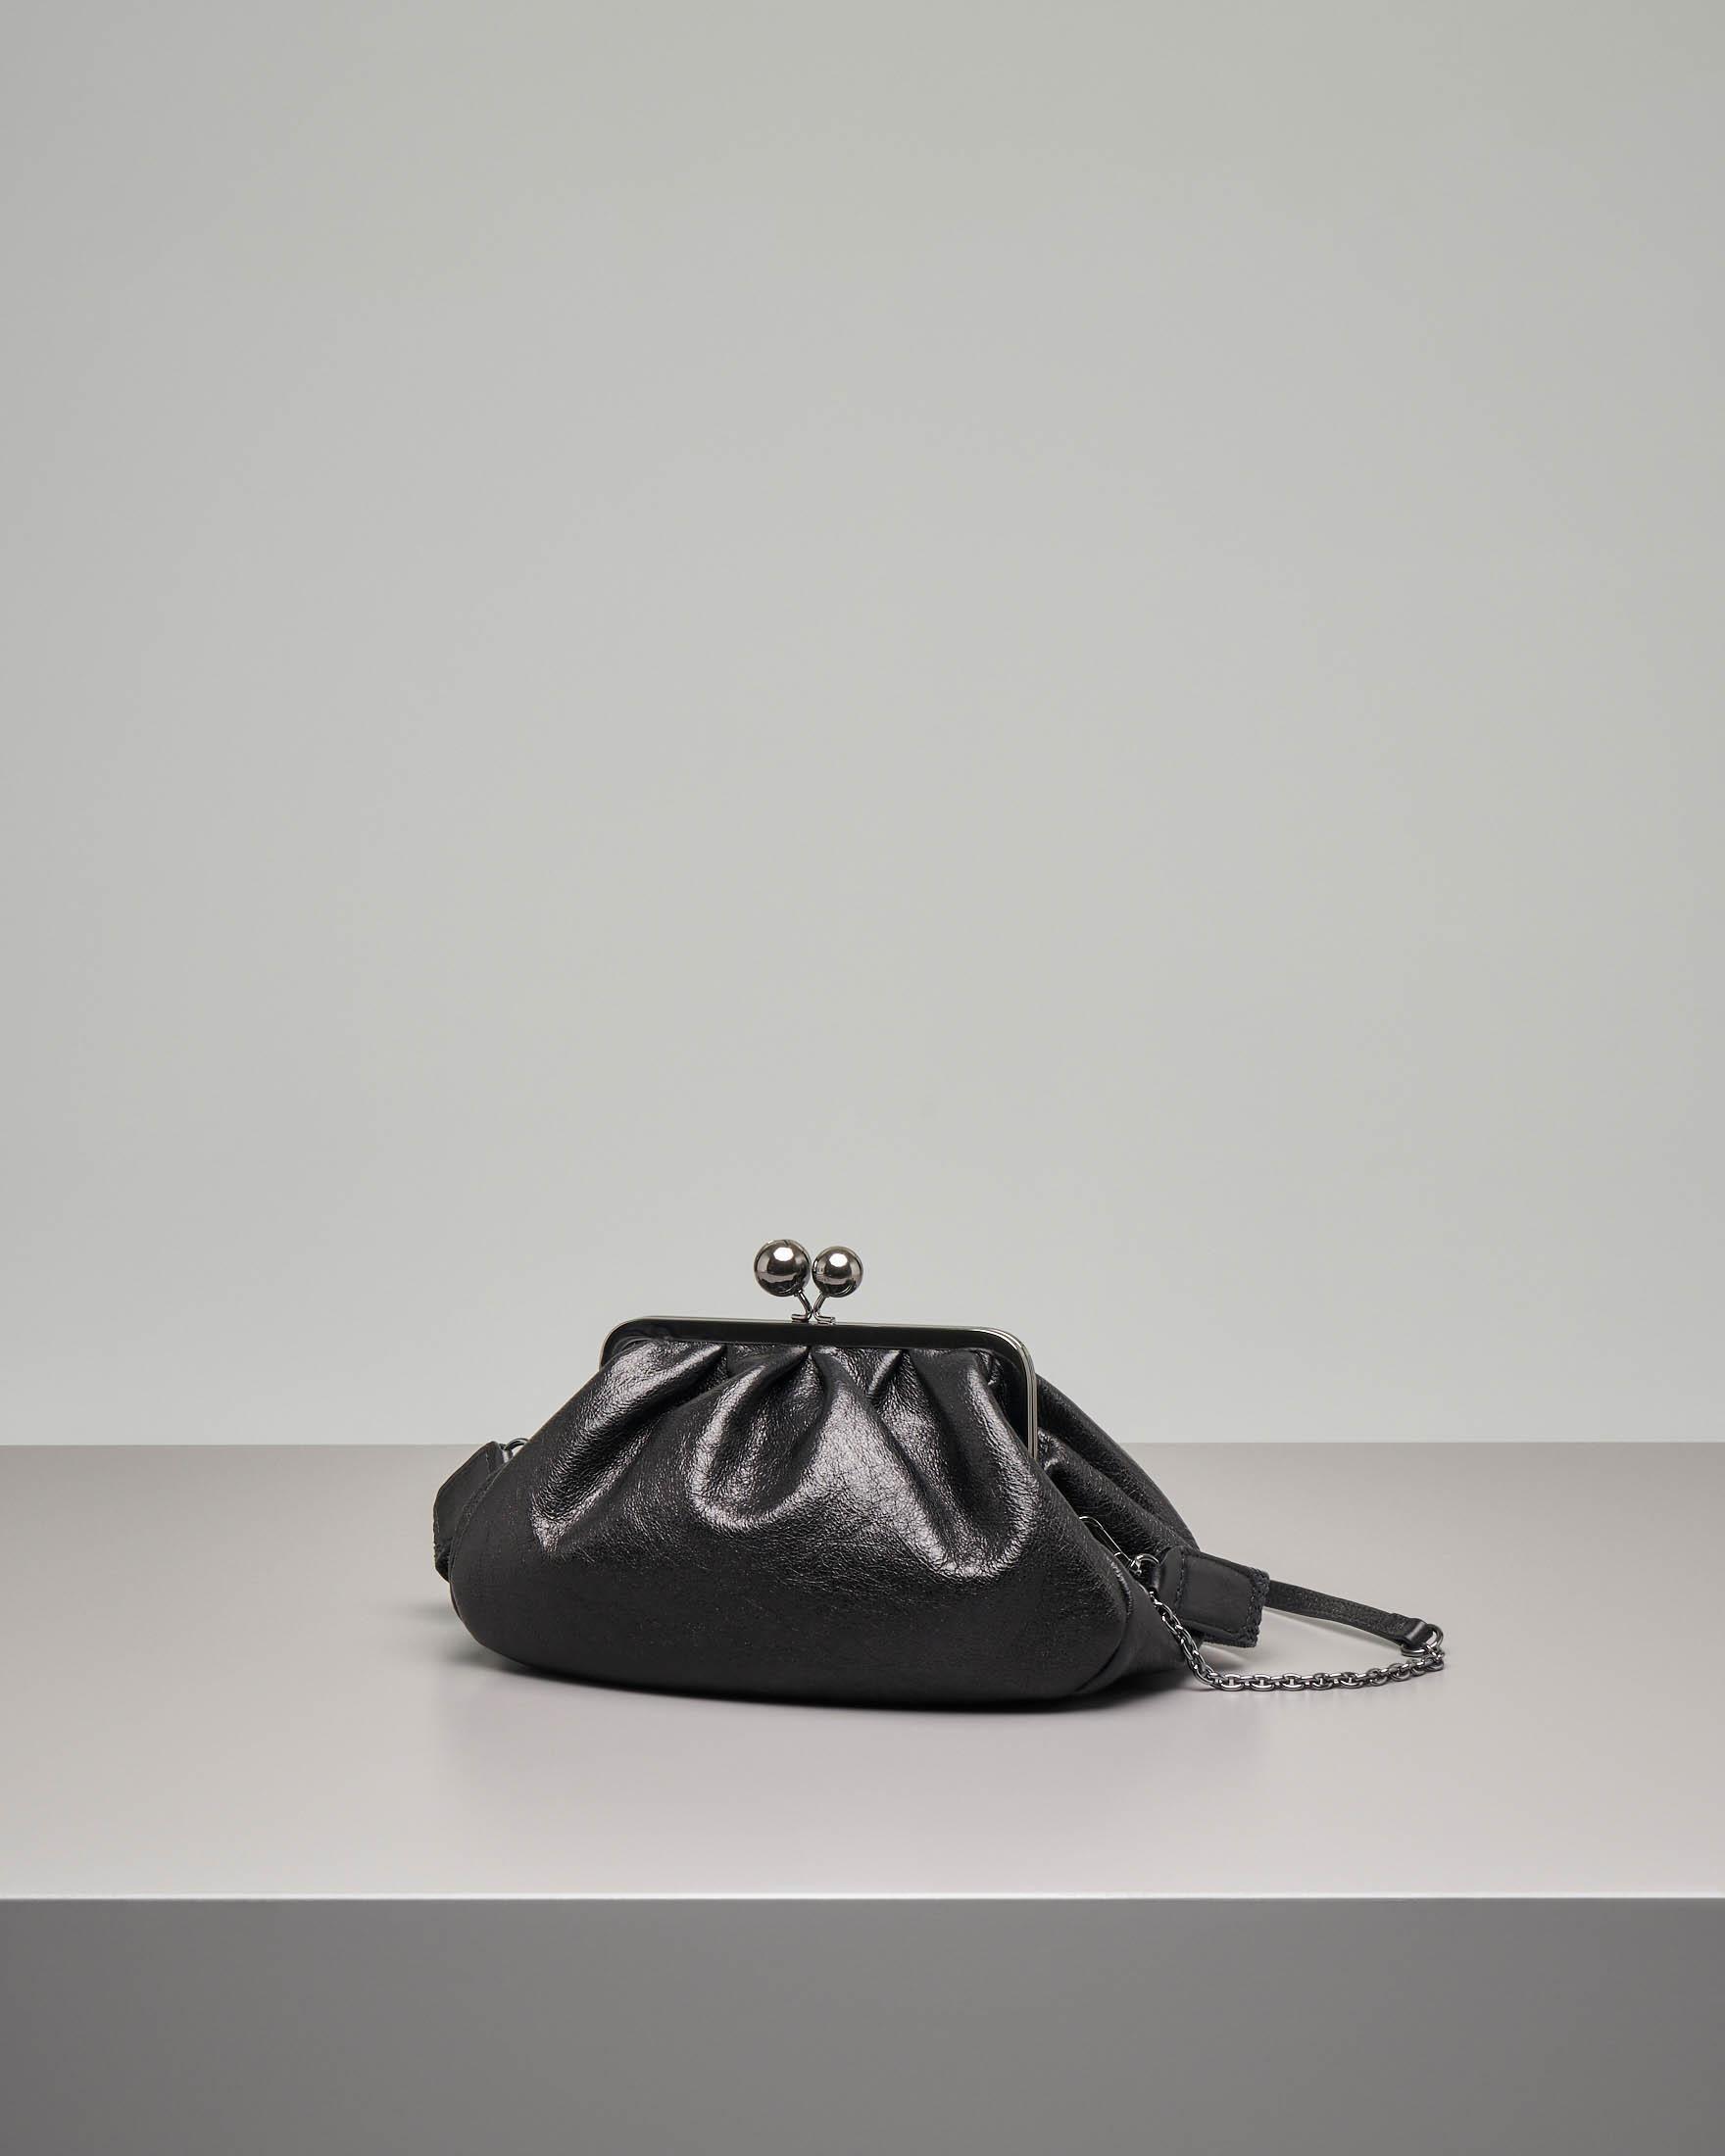 Pasticcino bag modello Lola misura media in pelle nera